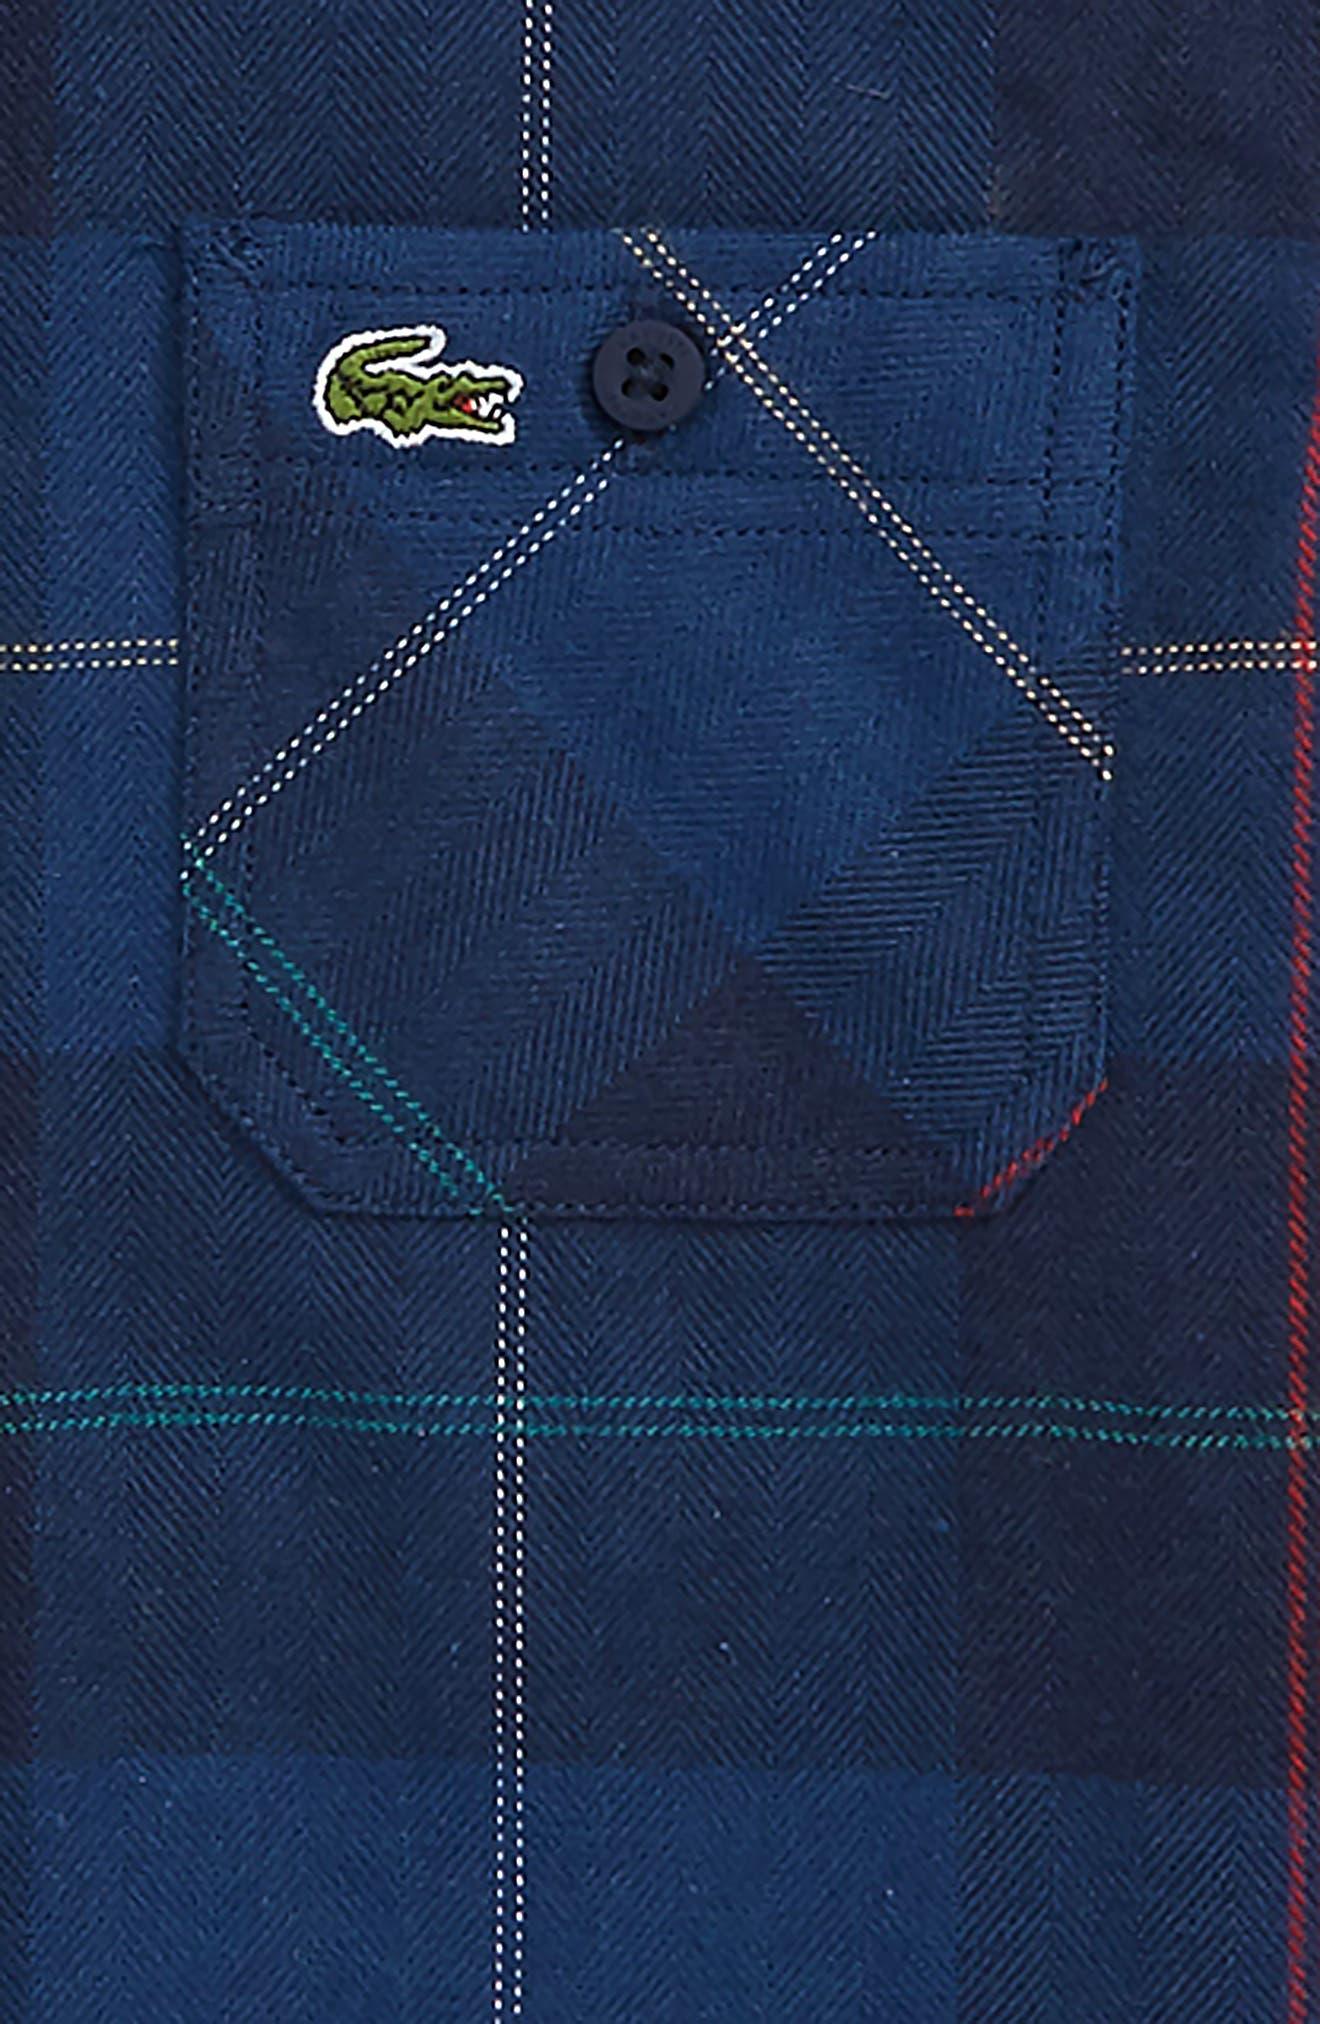 LACOSTE,                             Plaid Flannel Woven Shirt,                             Alternate thumbnail 2, color,                             C50 PRINT